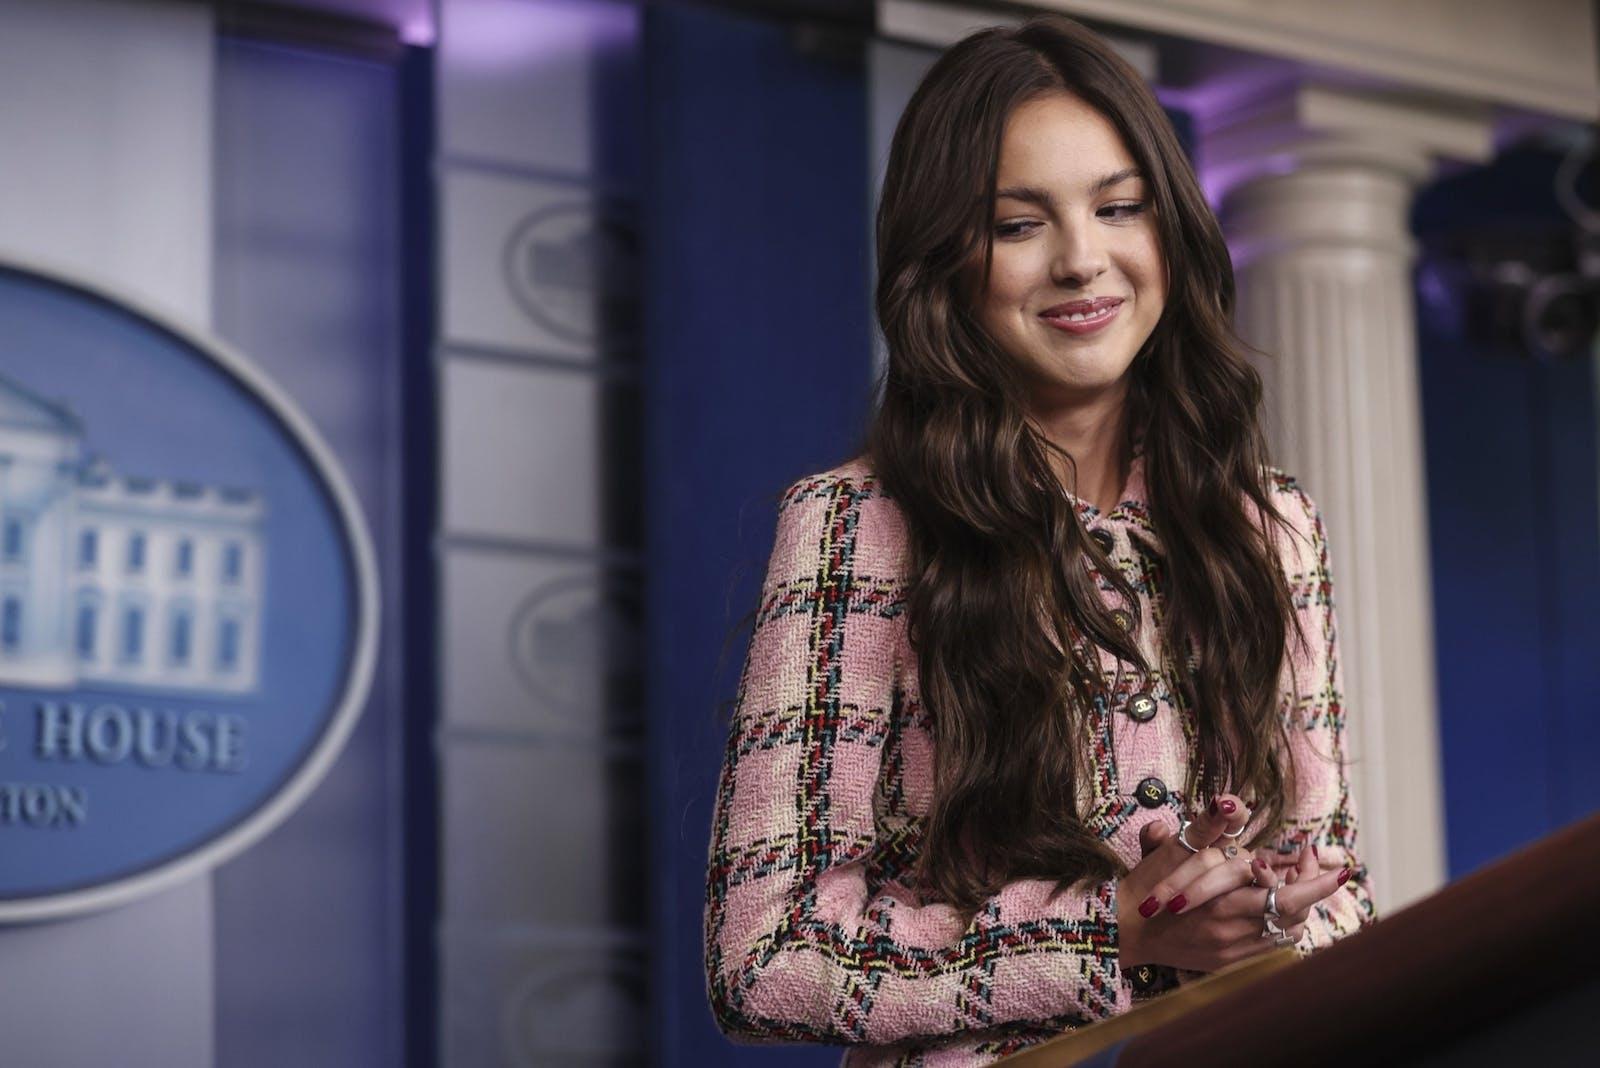 TikTok star Olivia Rodrigo at the White House. Photo: Bloomberg